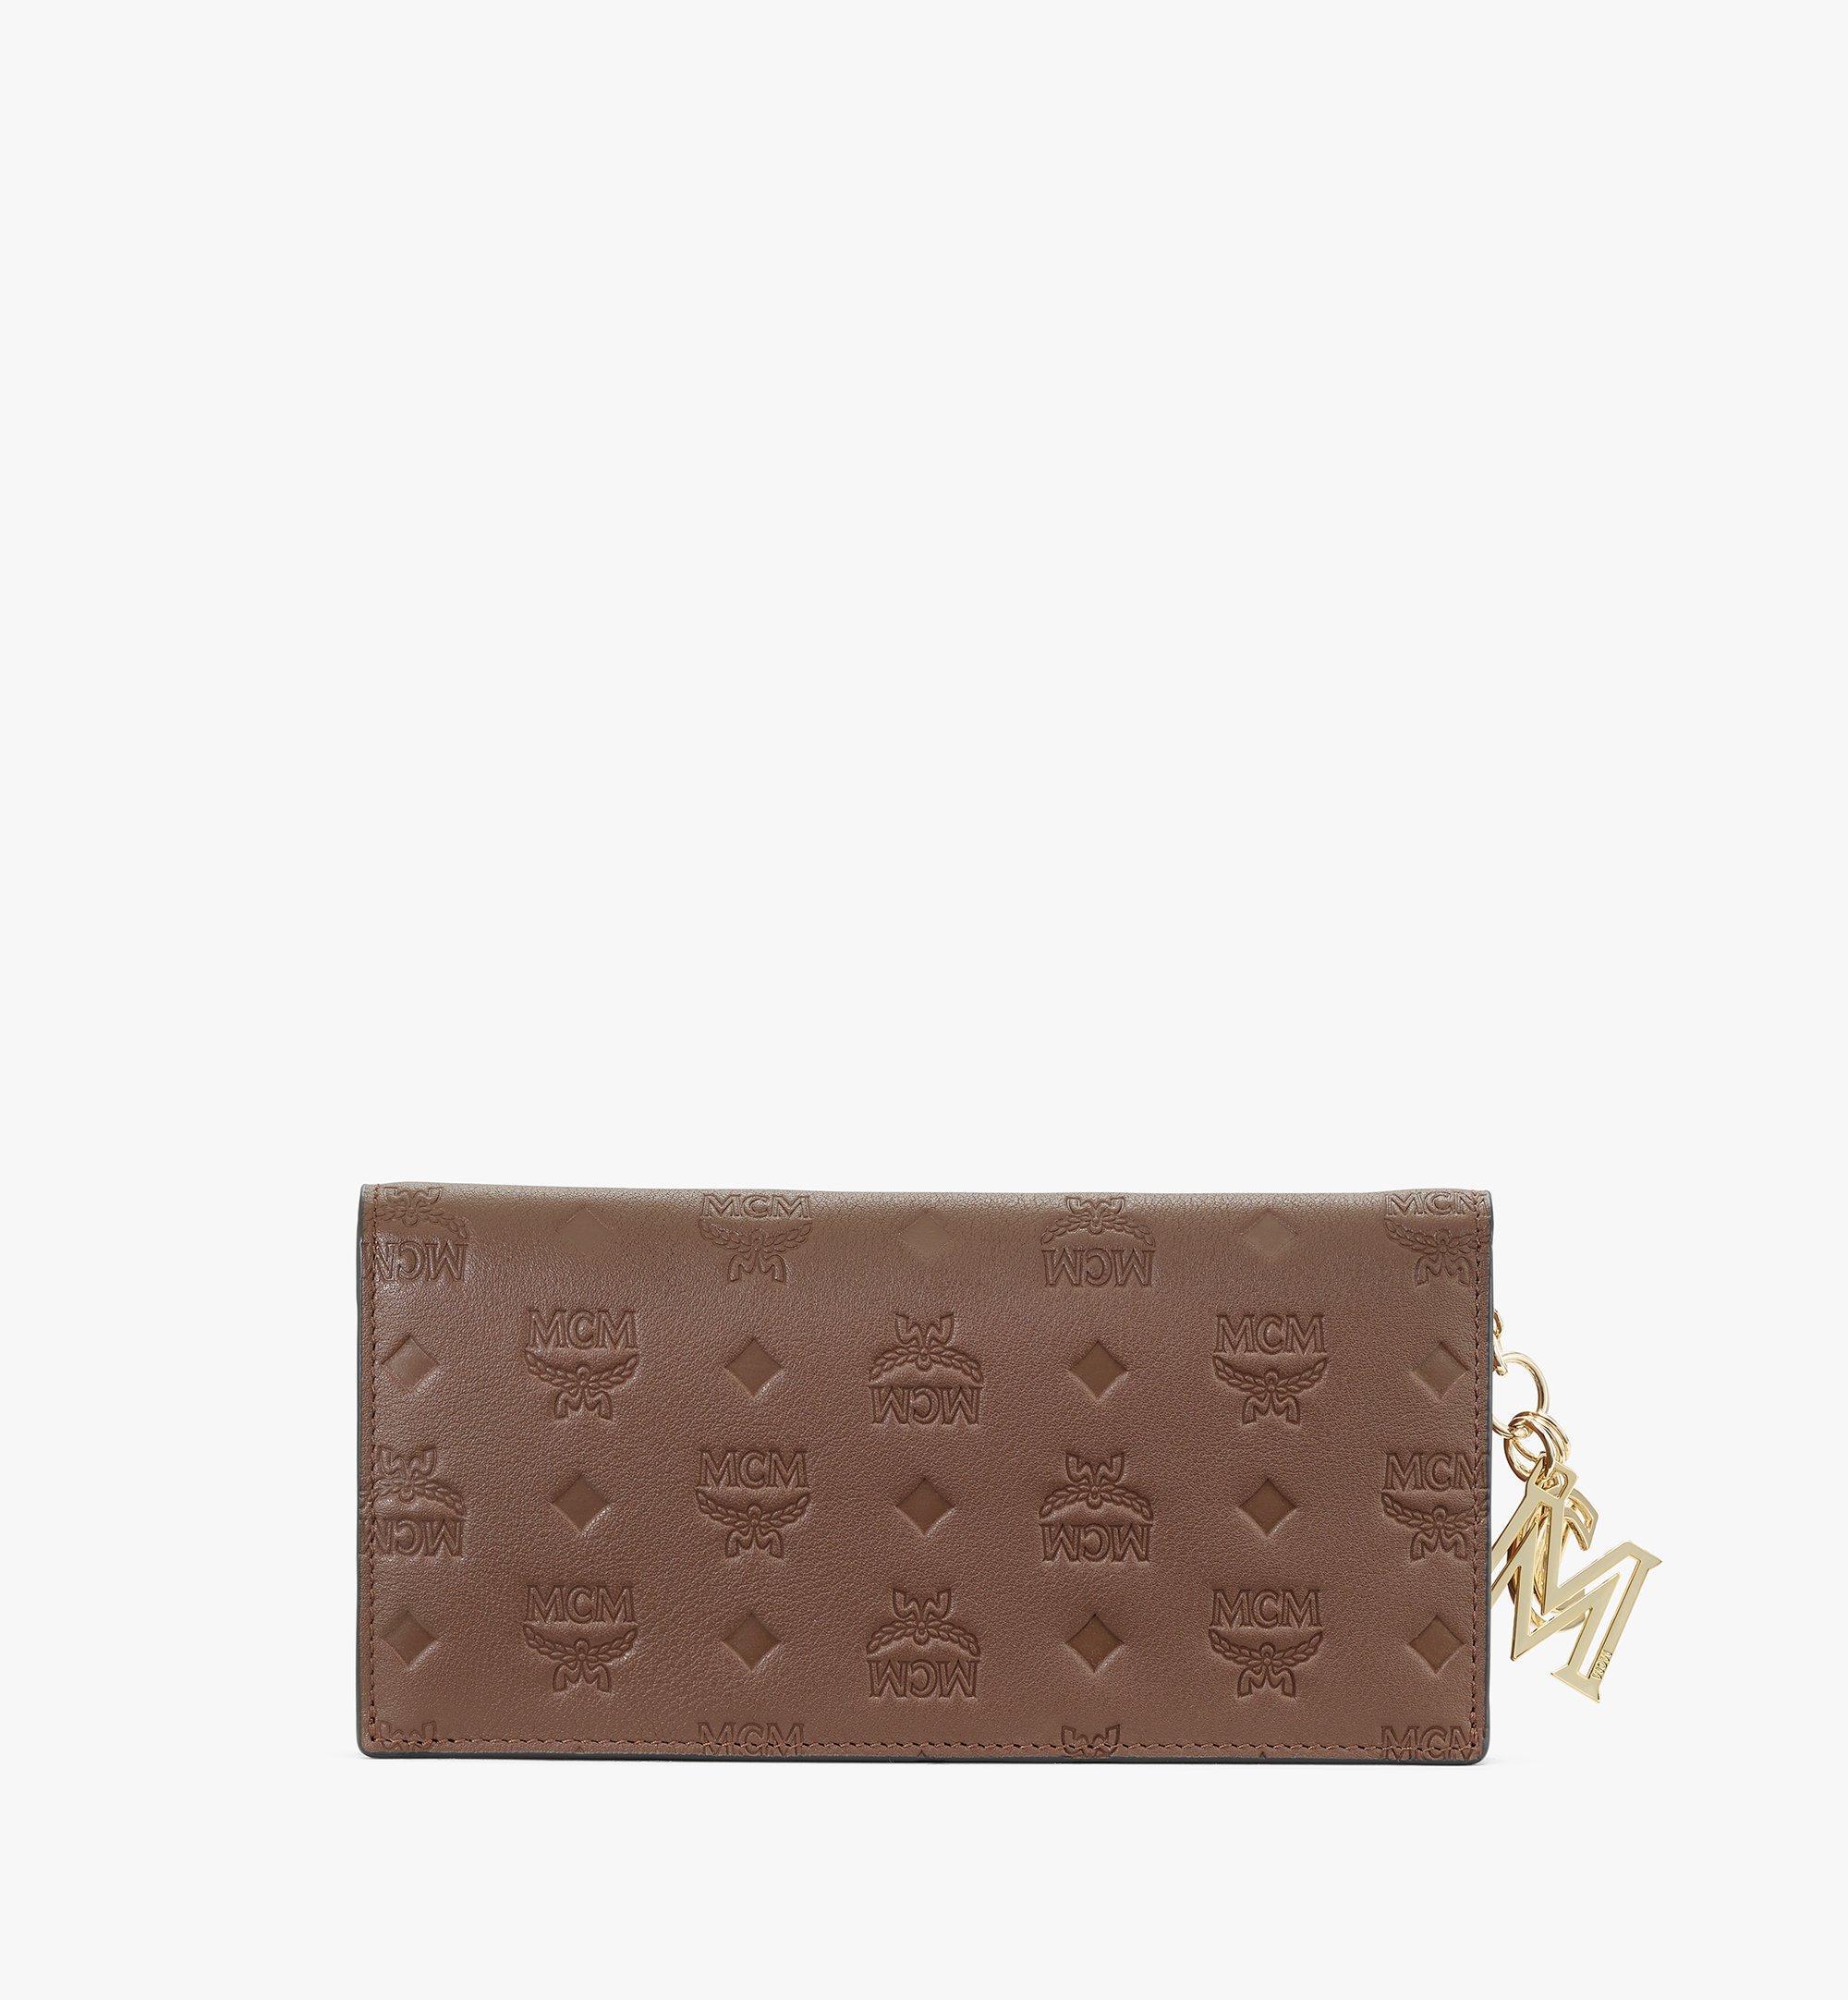 MCM Klara Continental Wallet in Monogram Leather Brown MYL9SKM12N5001 Alternate View 2